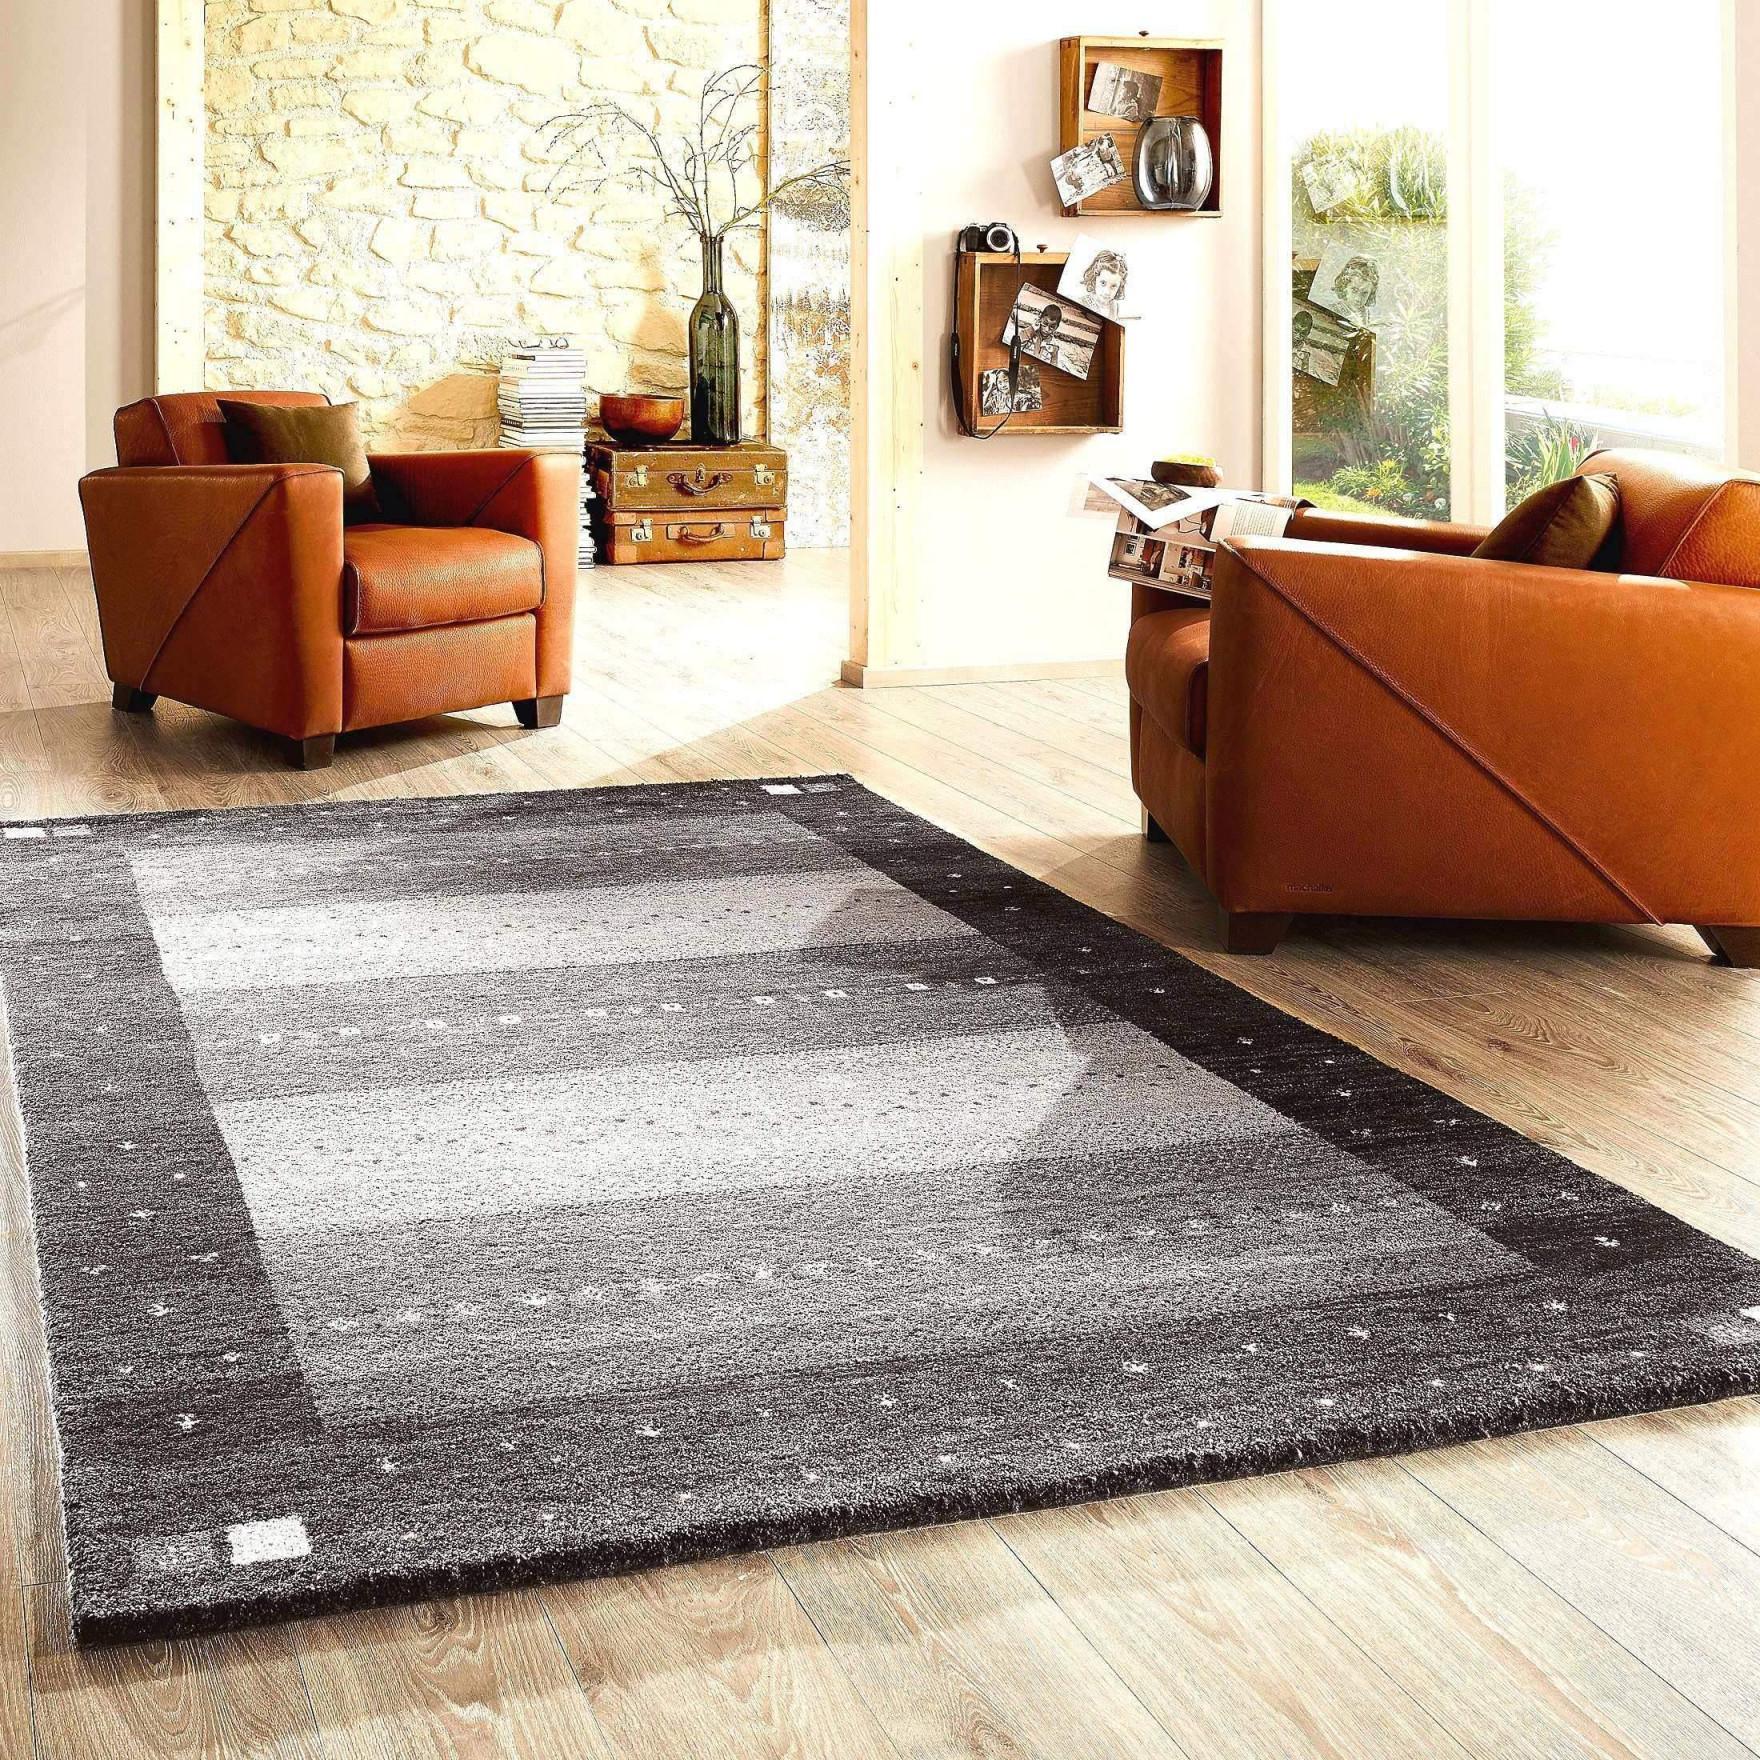 27 Das Beste Von Wohnzimmer Teppiche Reizend  Wohnzimmer Frisch von Kleiner Teppich Wohnzimmer Bild